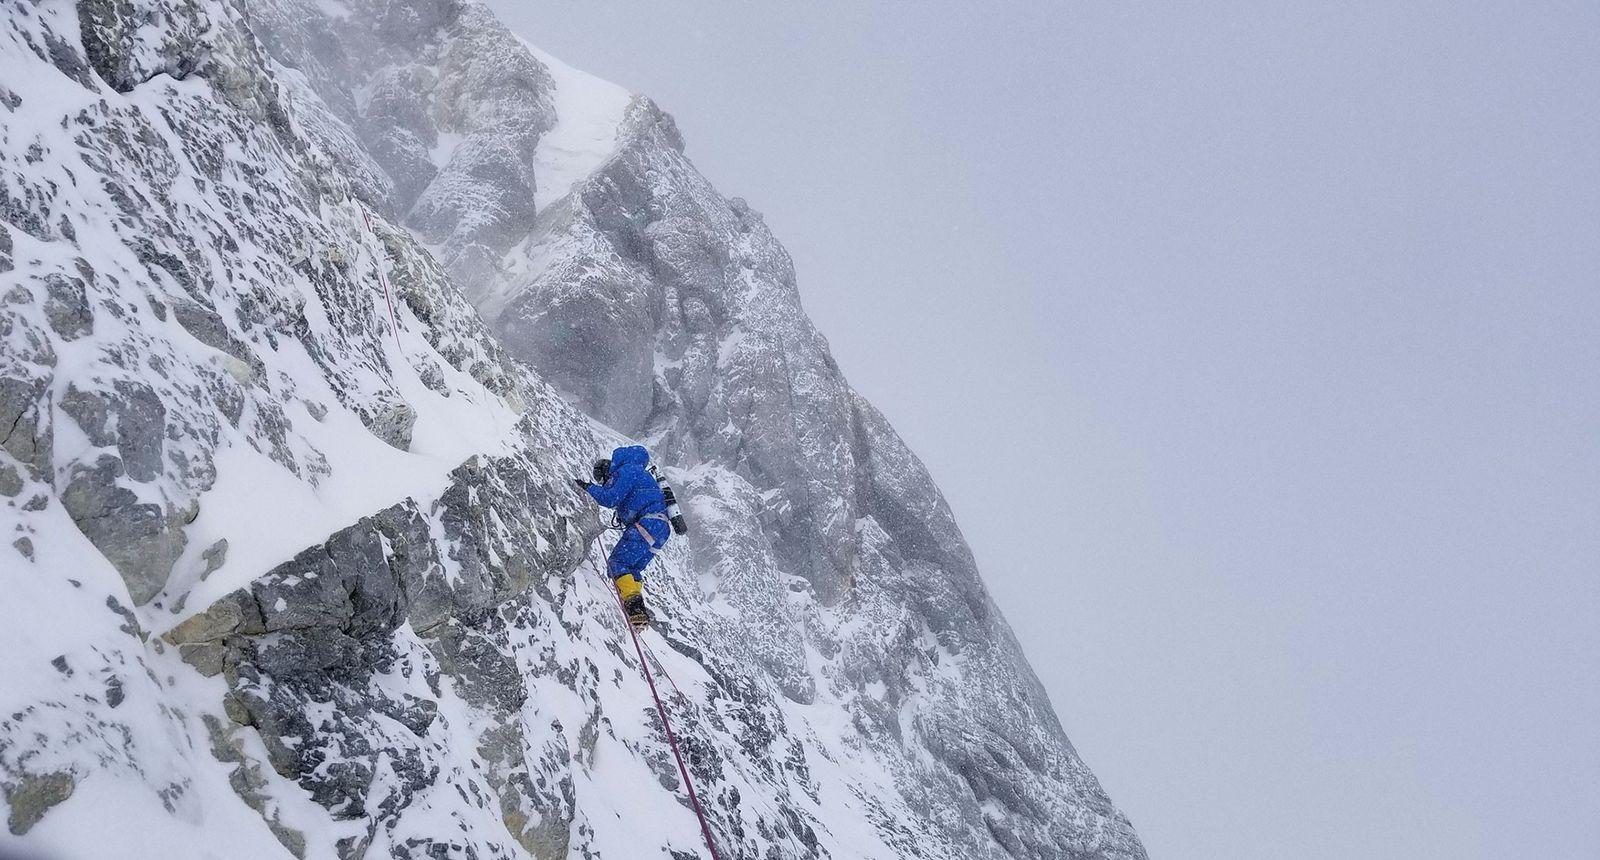 Cory Richards escalade la dernière pyramide du sommet, sur le versant nord de l'Everest, lors d'une ...